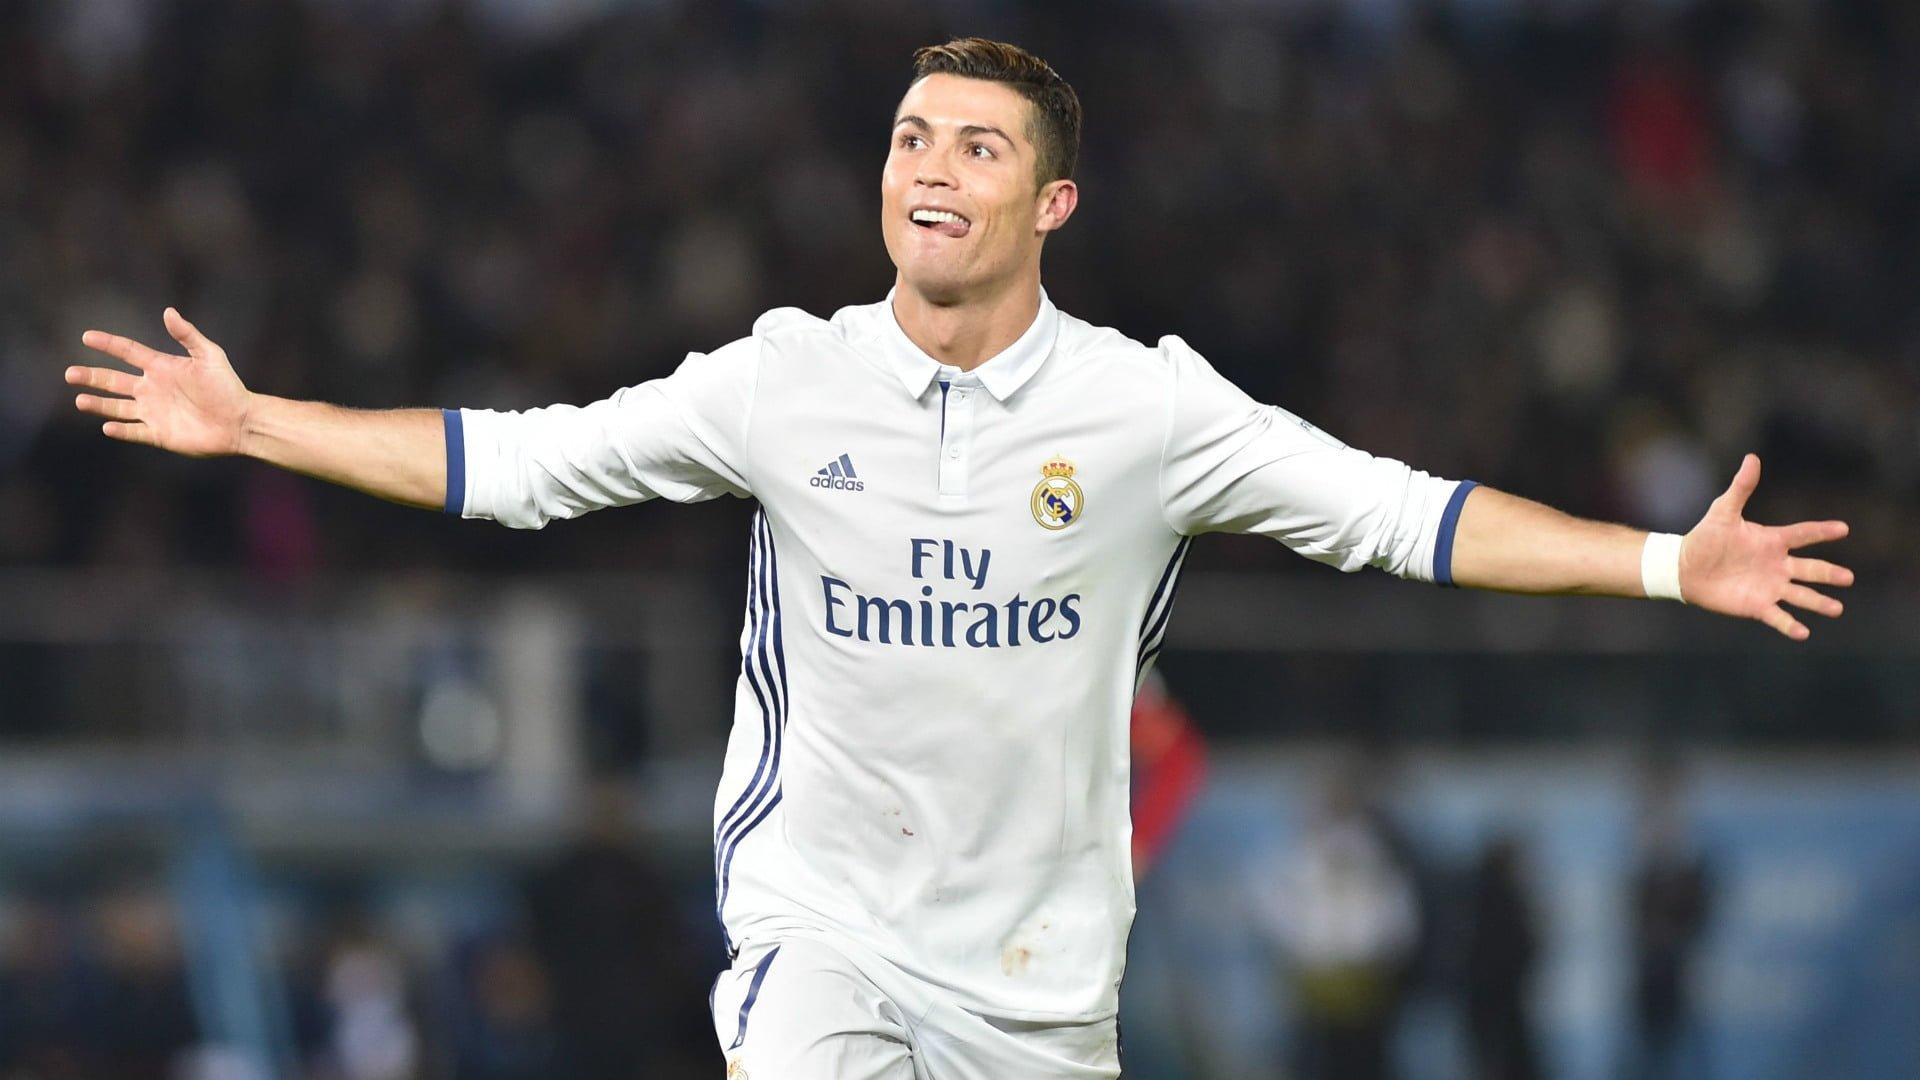 کریس رونالدو ستاره پرتغالی رئال مادرید باید زودتر به دوران اوج خود بازگردد